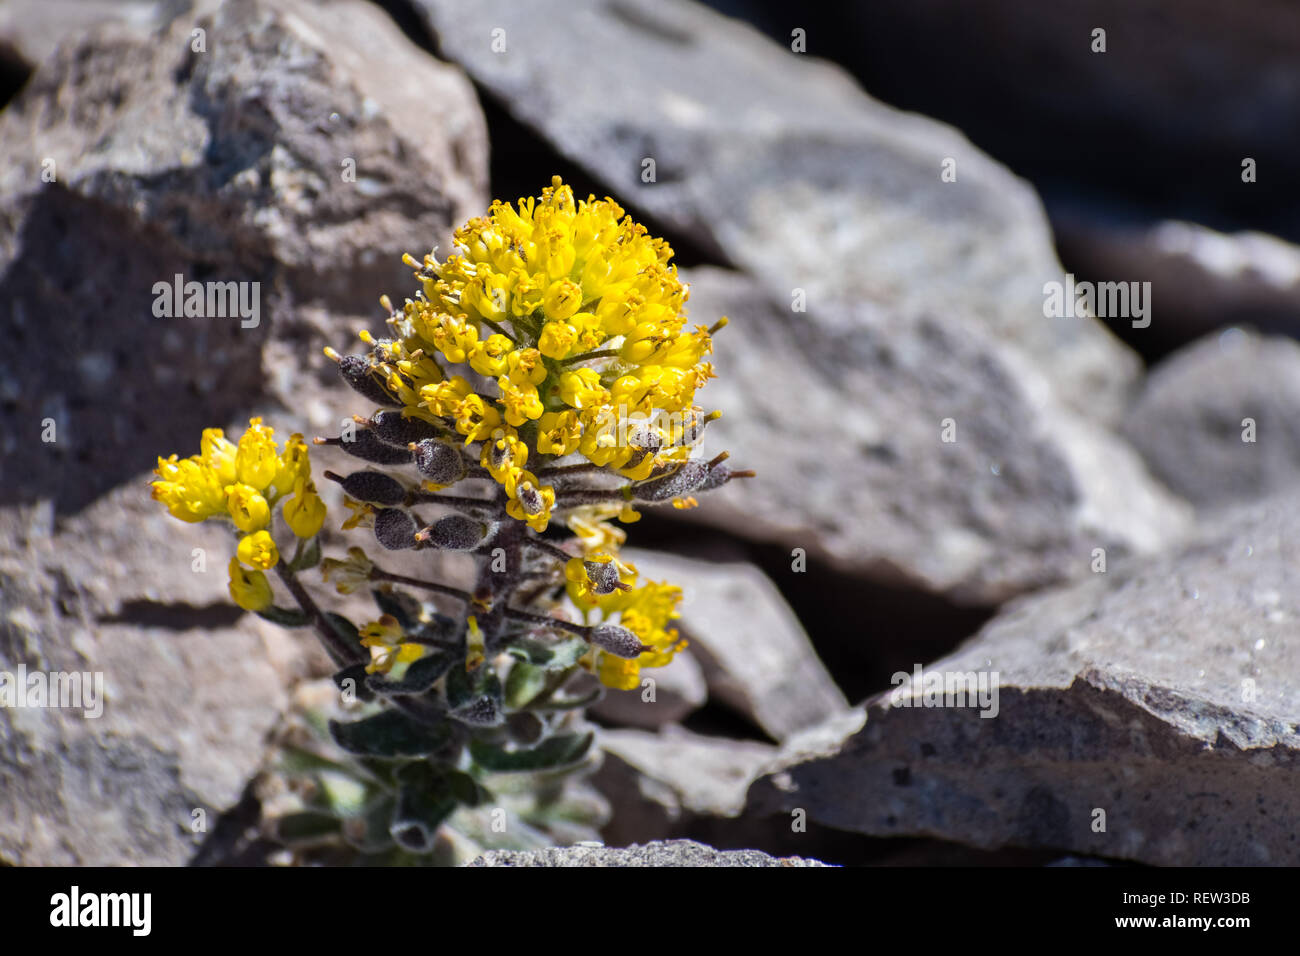 Mt. Lassen cardamine (Cardamine aureola) Wildblumen blühen unter den Felsen auf der hohen Elevation Trails des Lassen Volcanic National Park, Northern California Stockbild